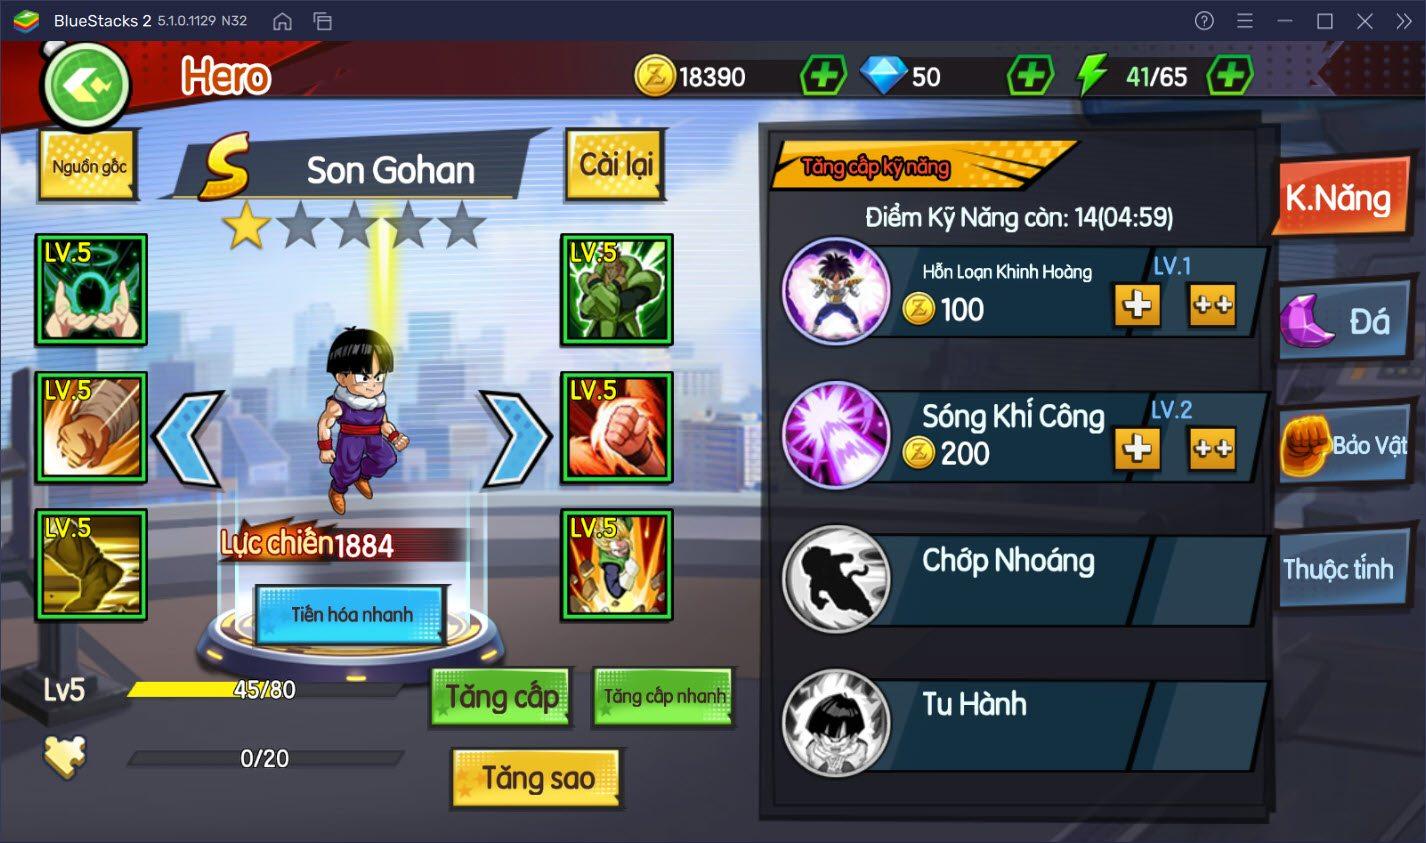 Chơi Rồng Thần Huyền Thoại trên PC: Hướng dẫn nâng cấp nhân vật